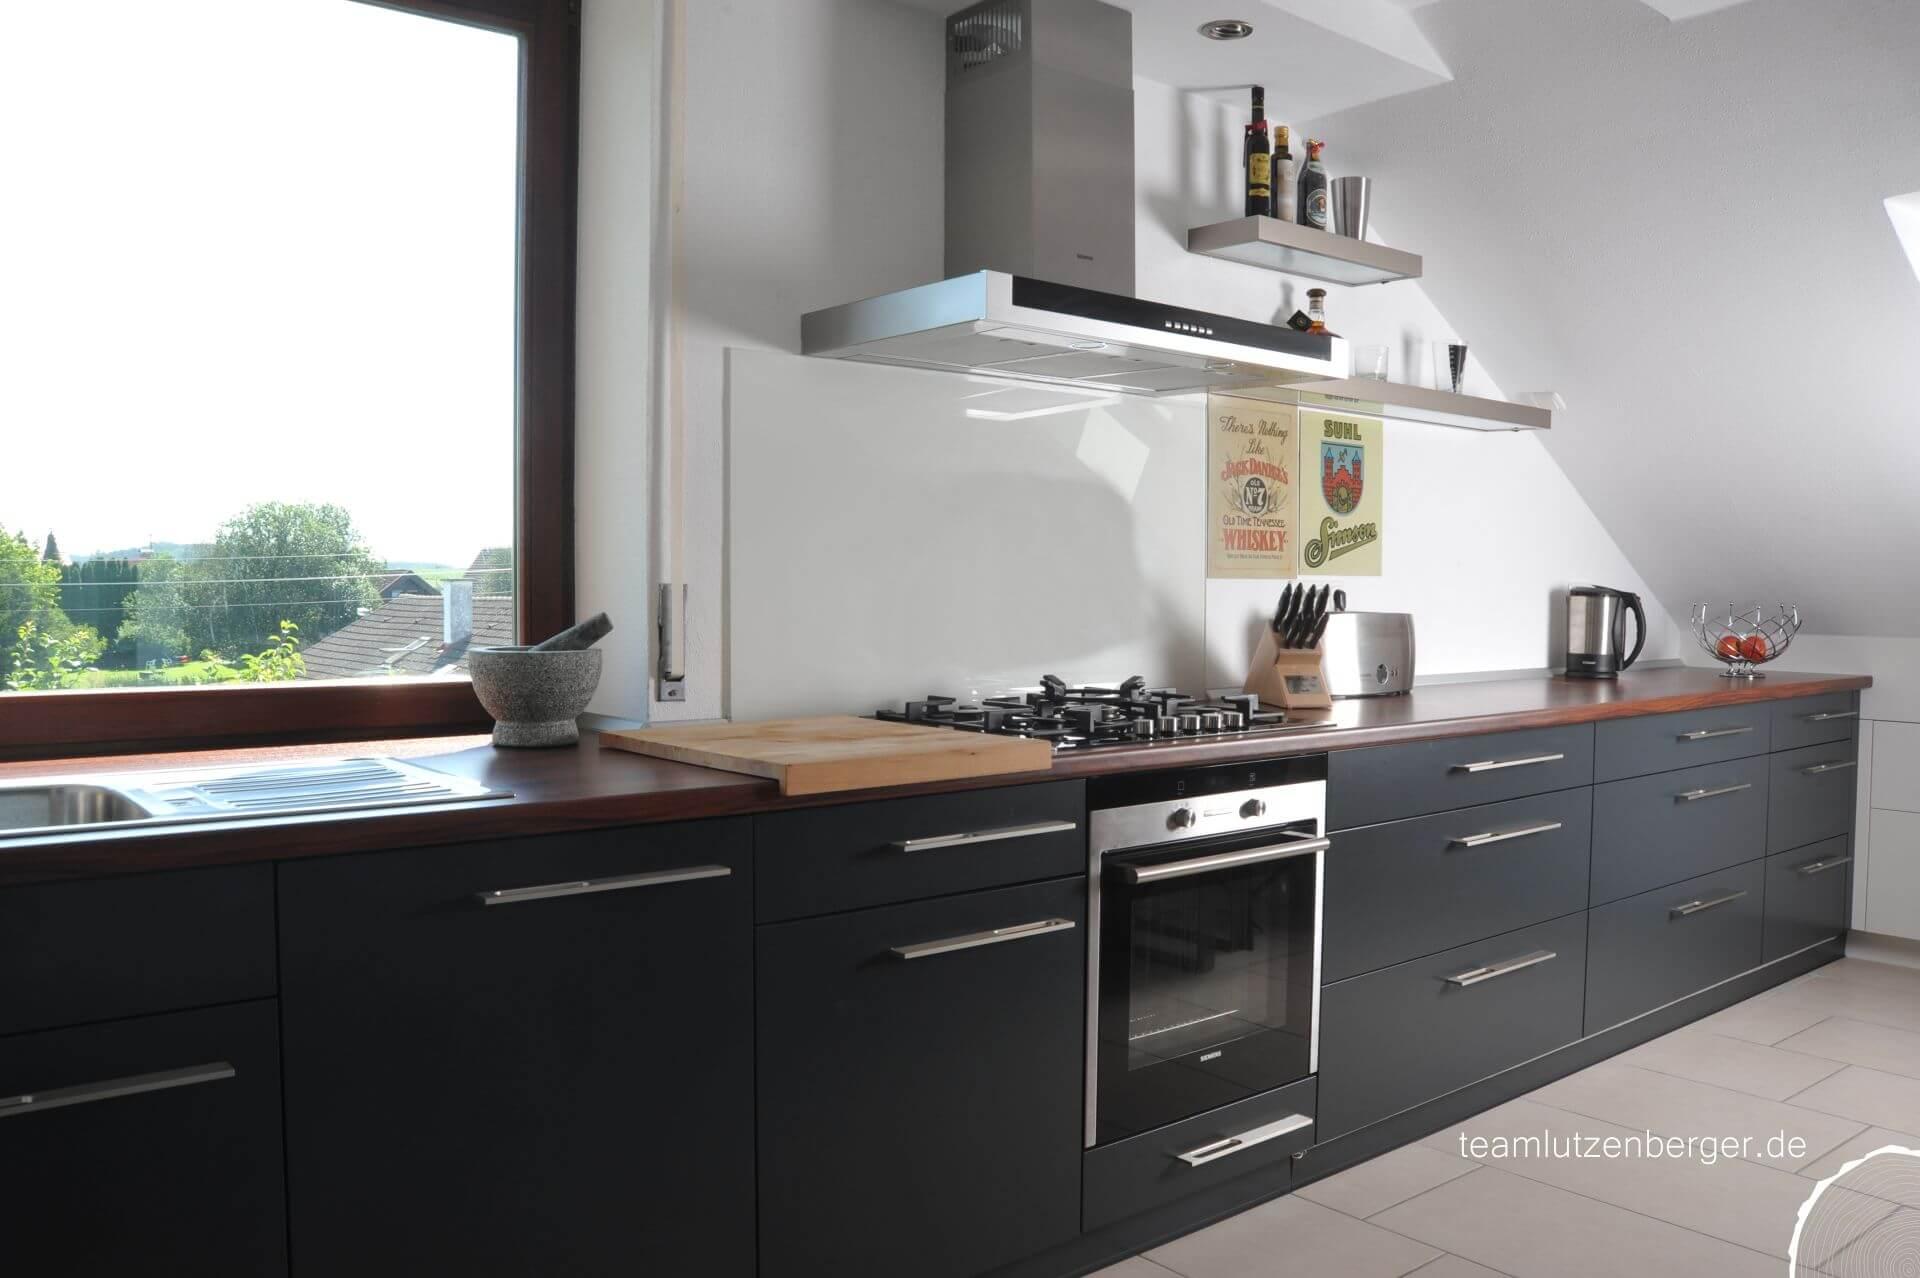 Küche in Dachschräge - Teamlutzenberger